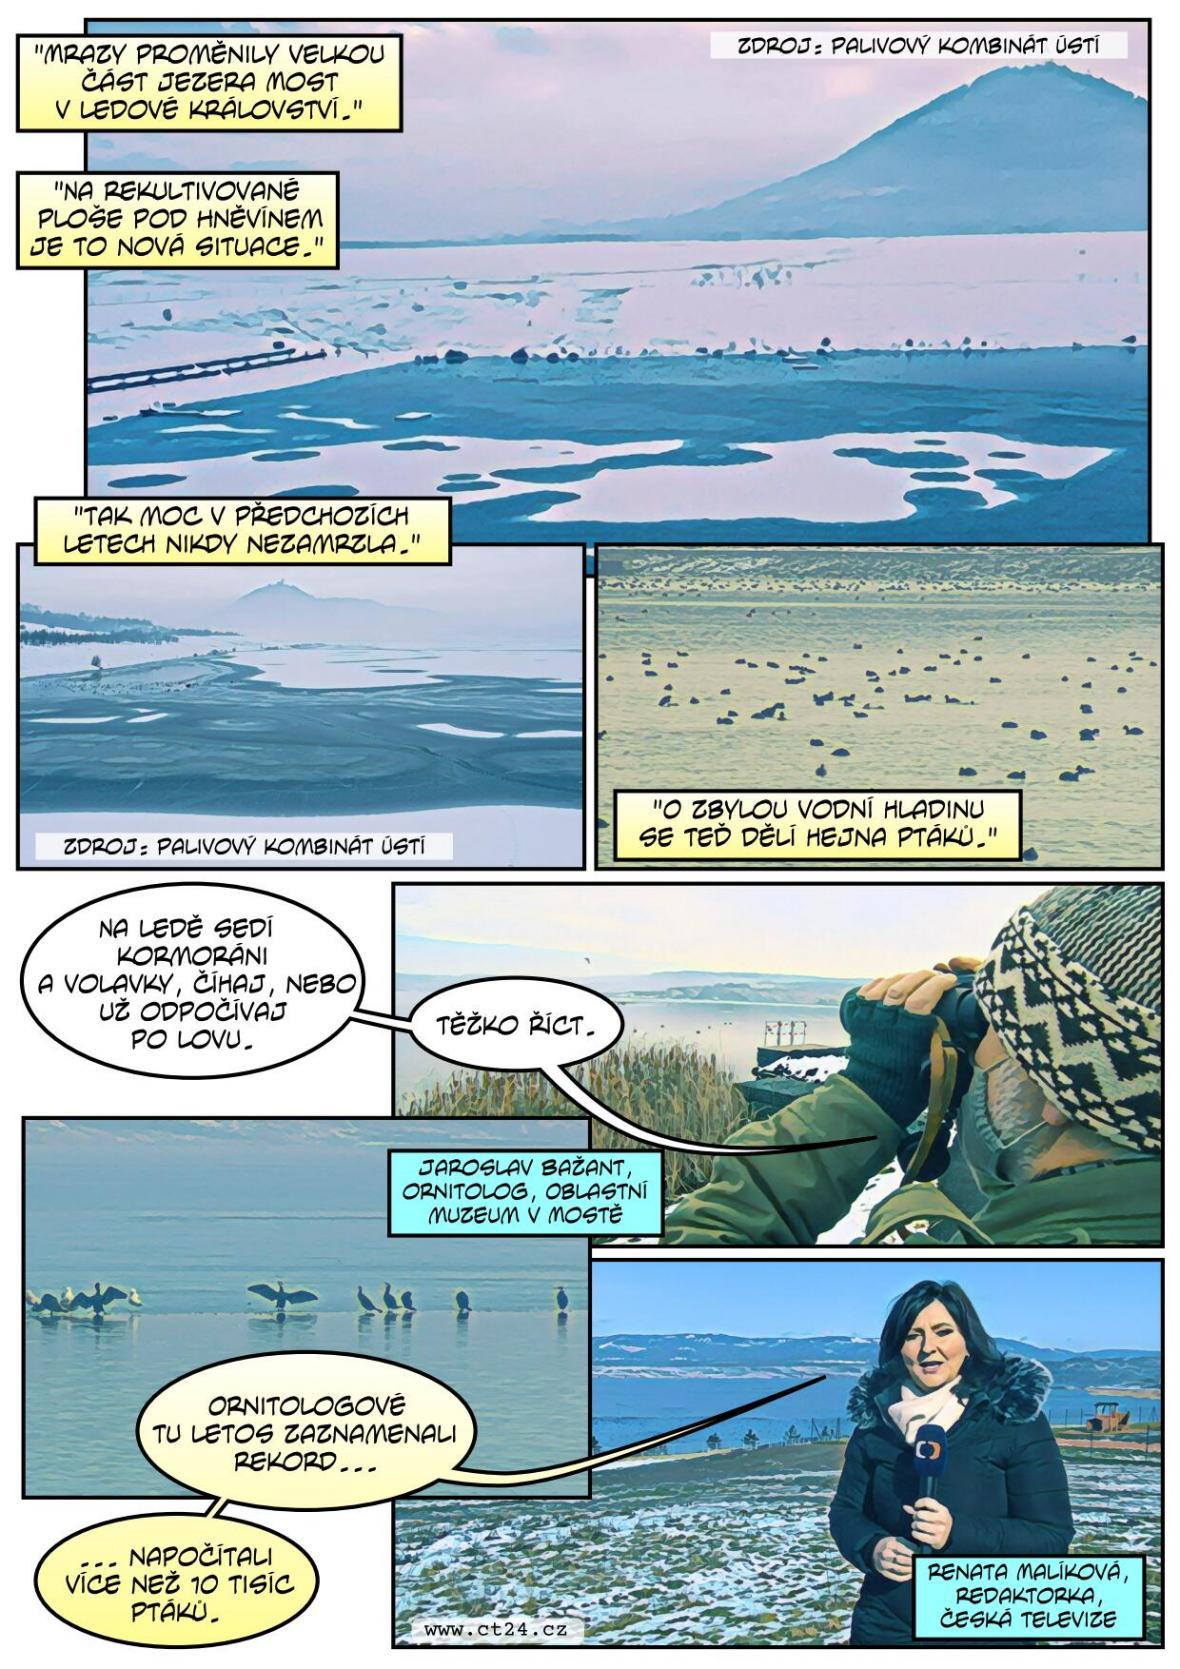 Ptáků zimujících na jezeře Most stále přibývá, letos jich ornitologové evidují přes 10 tisíc